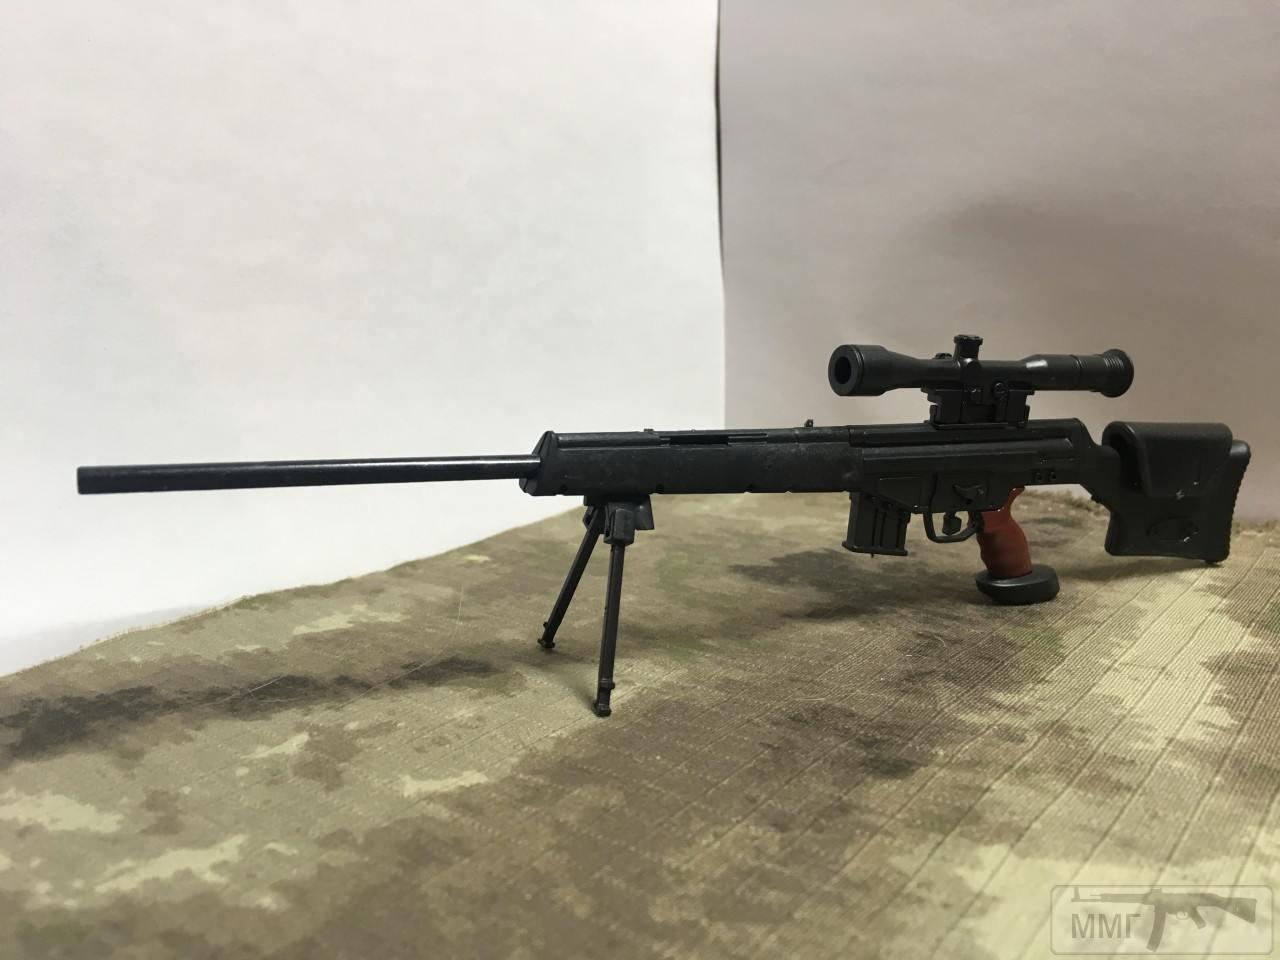 54033 - Макеты оружия/ модели 1:6